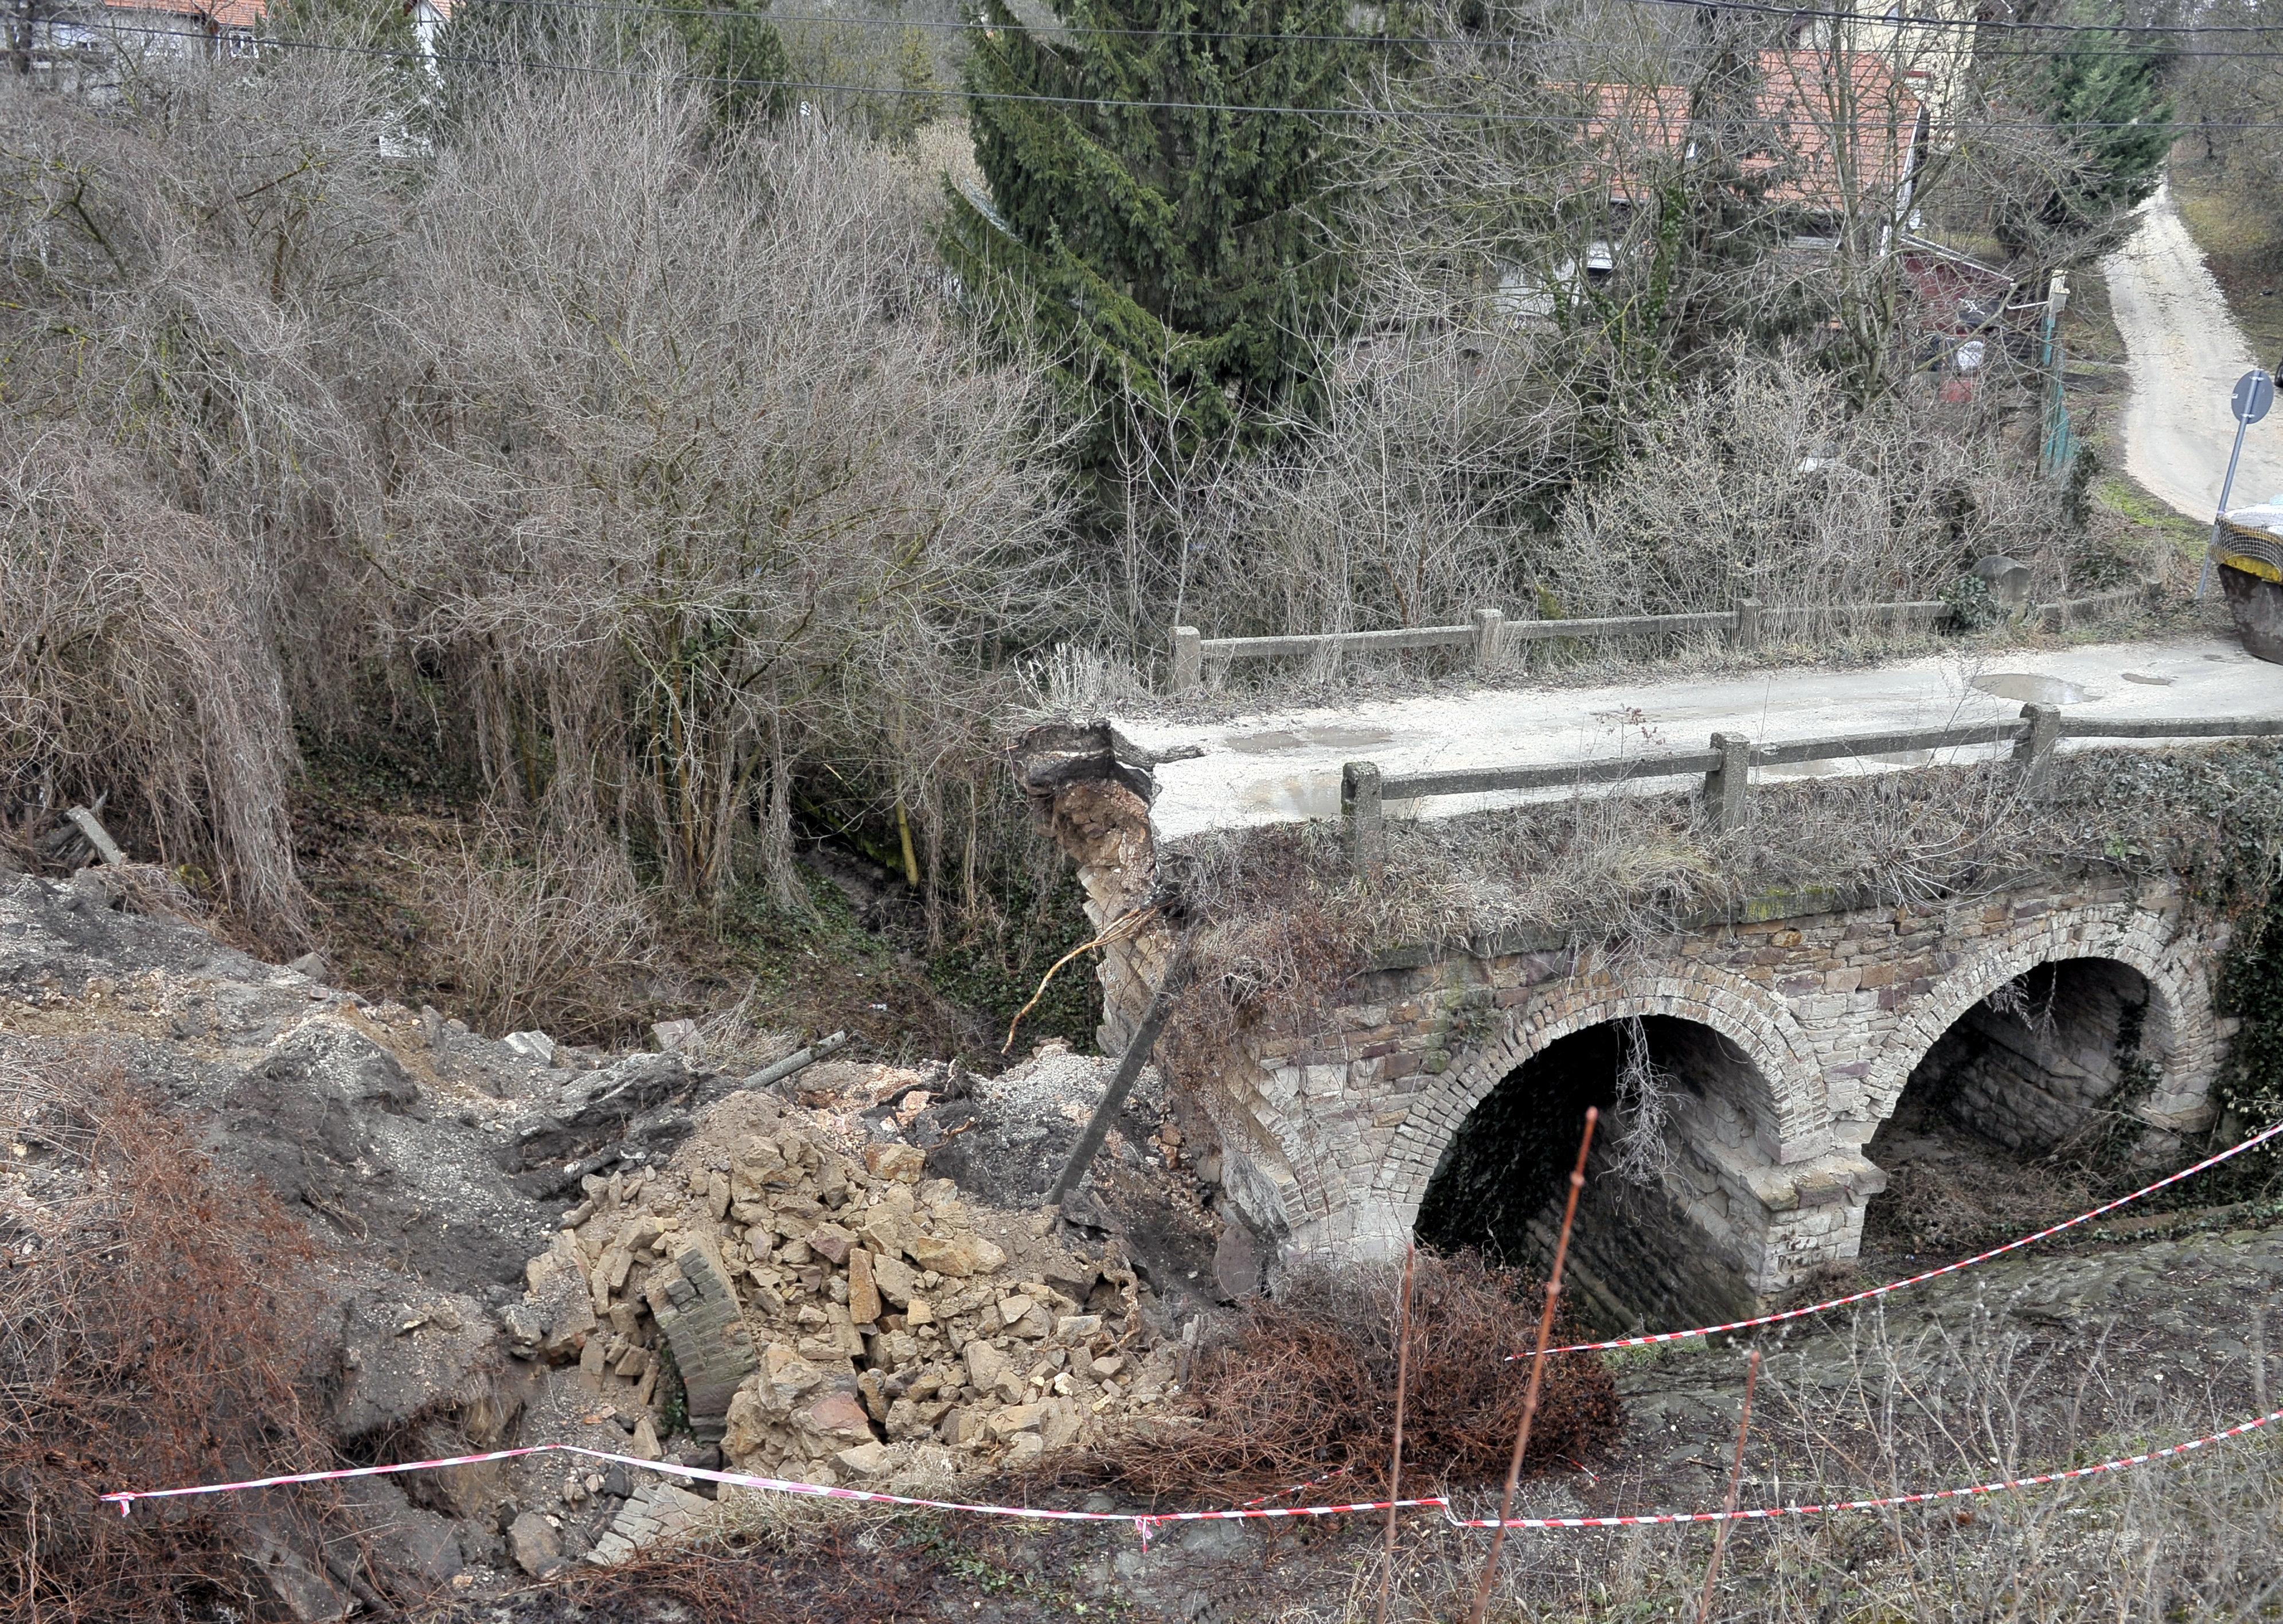 13 éve már figyelmeztették az önkormányzatot, hogy újítsa fel a piliscsabai hidat, különben leszakadhat